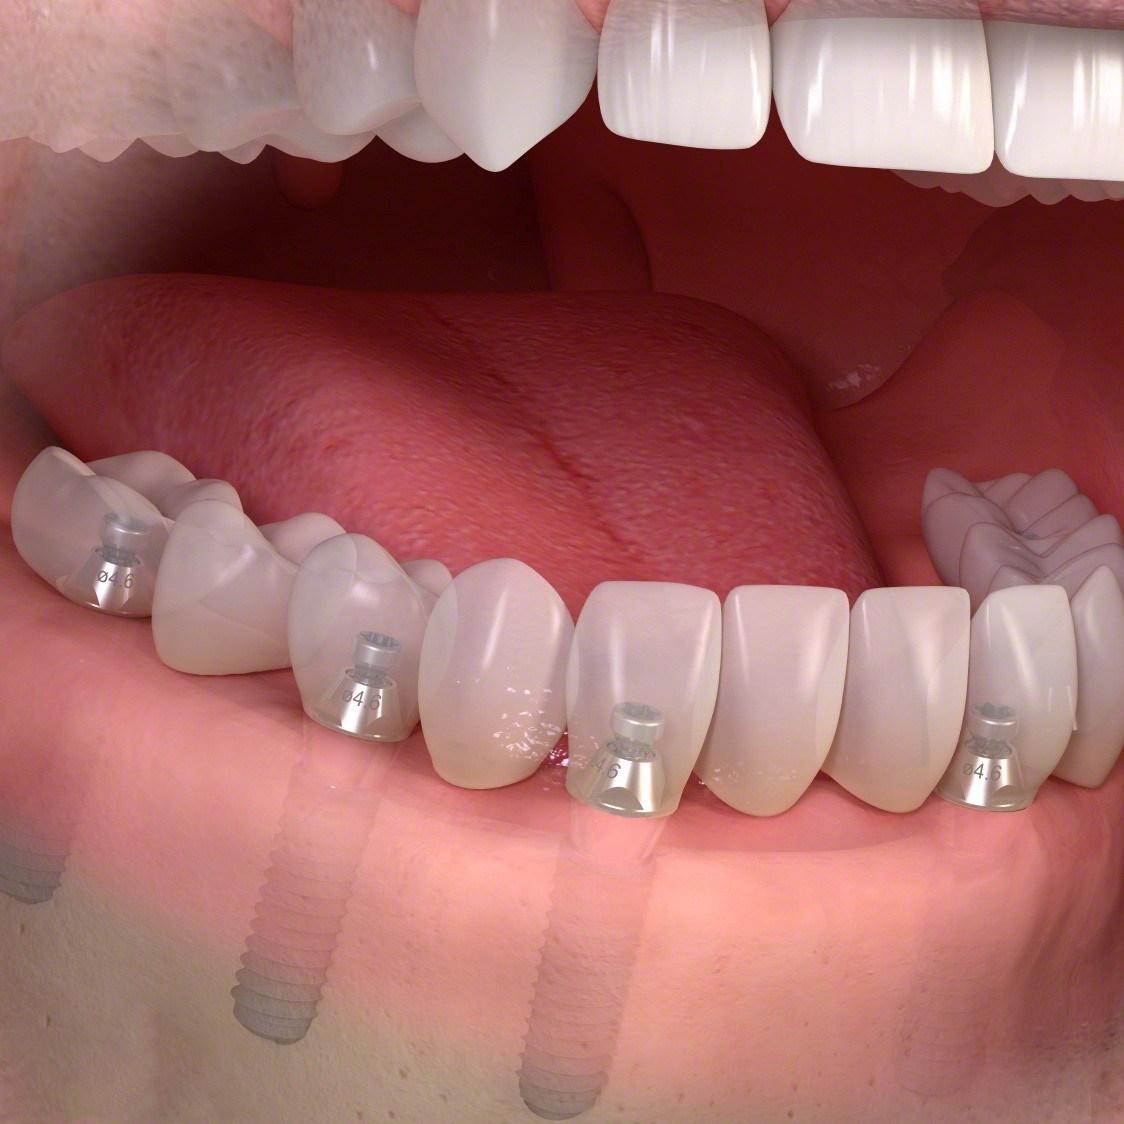 چرا در طرح درمان ایمپلنت all on 4 از دندان مصنوعی استفاده می شود